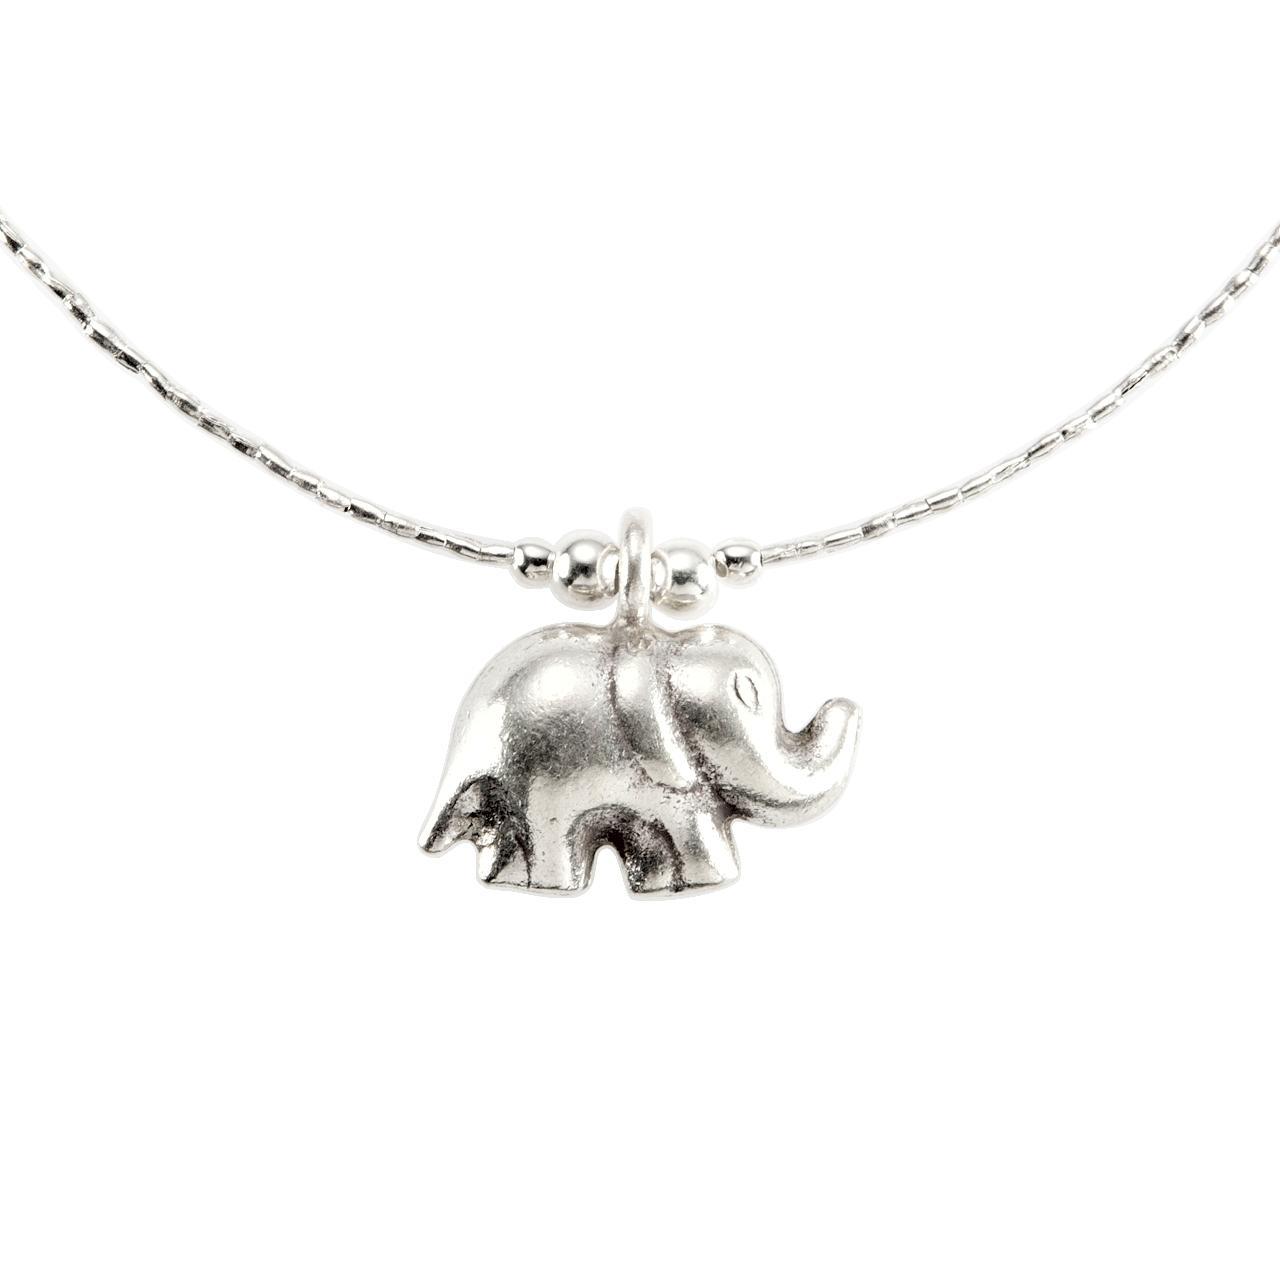 Un lantisor cu un elefant iti aduce prosperitate